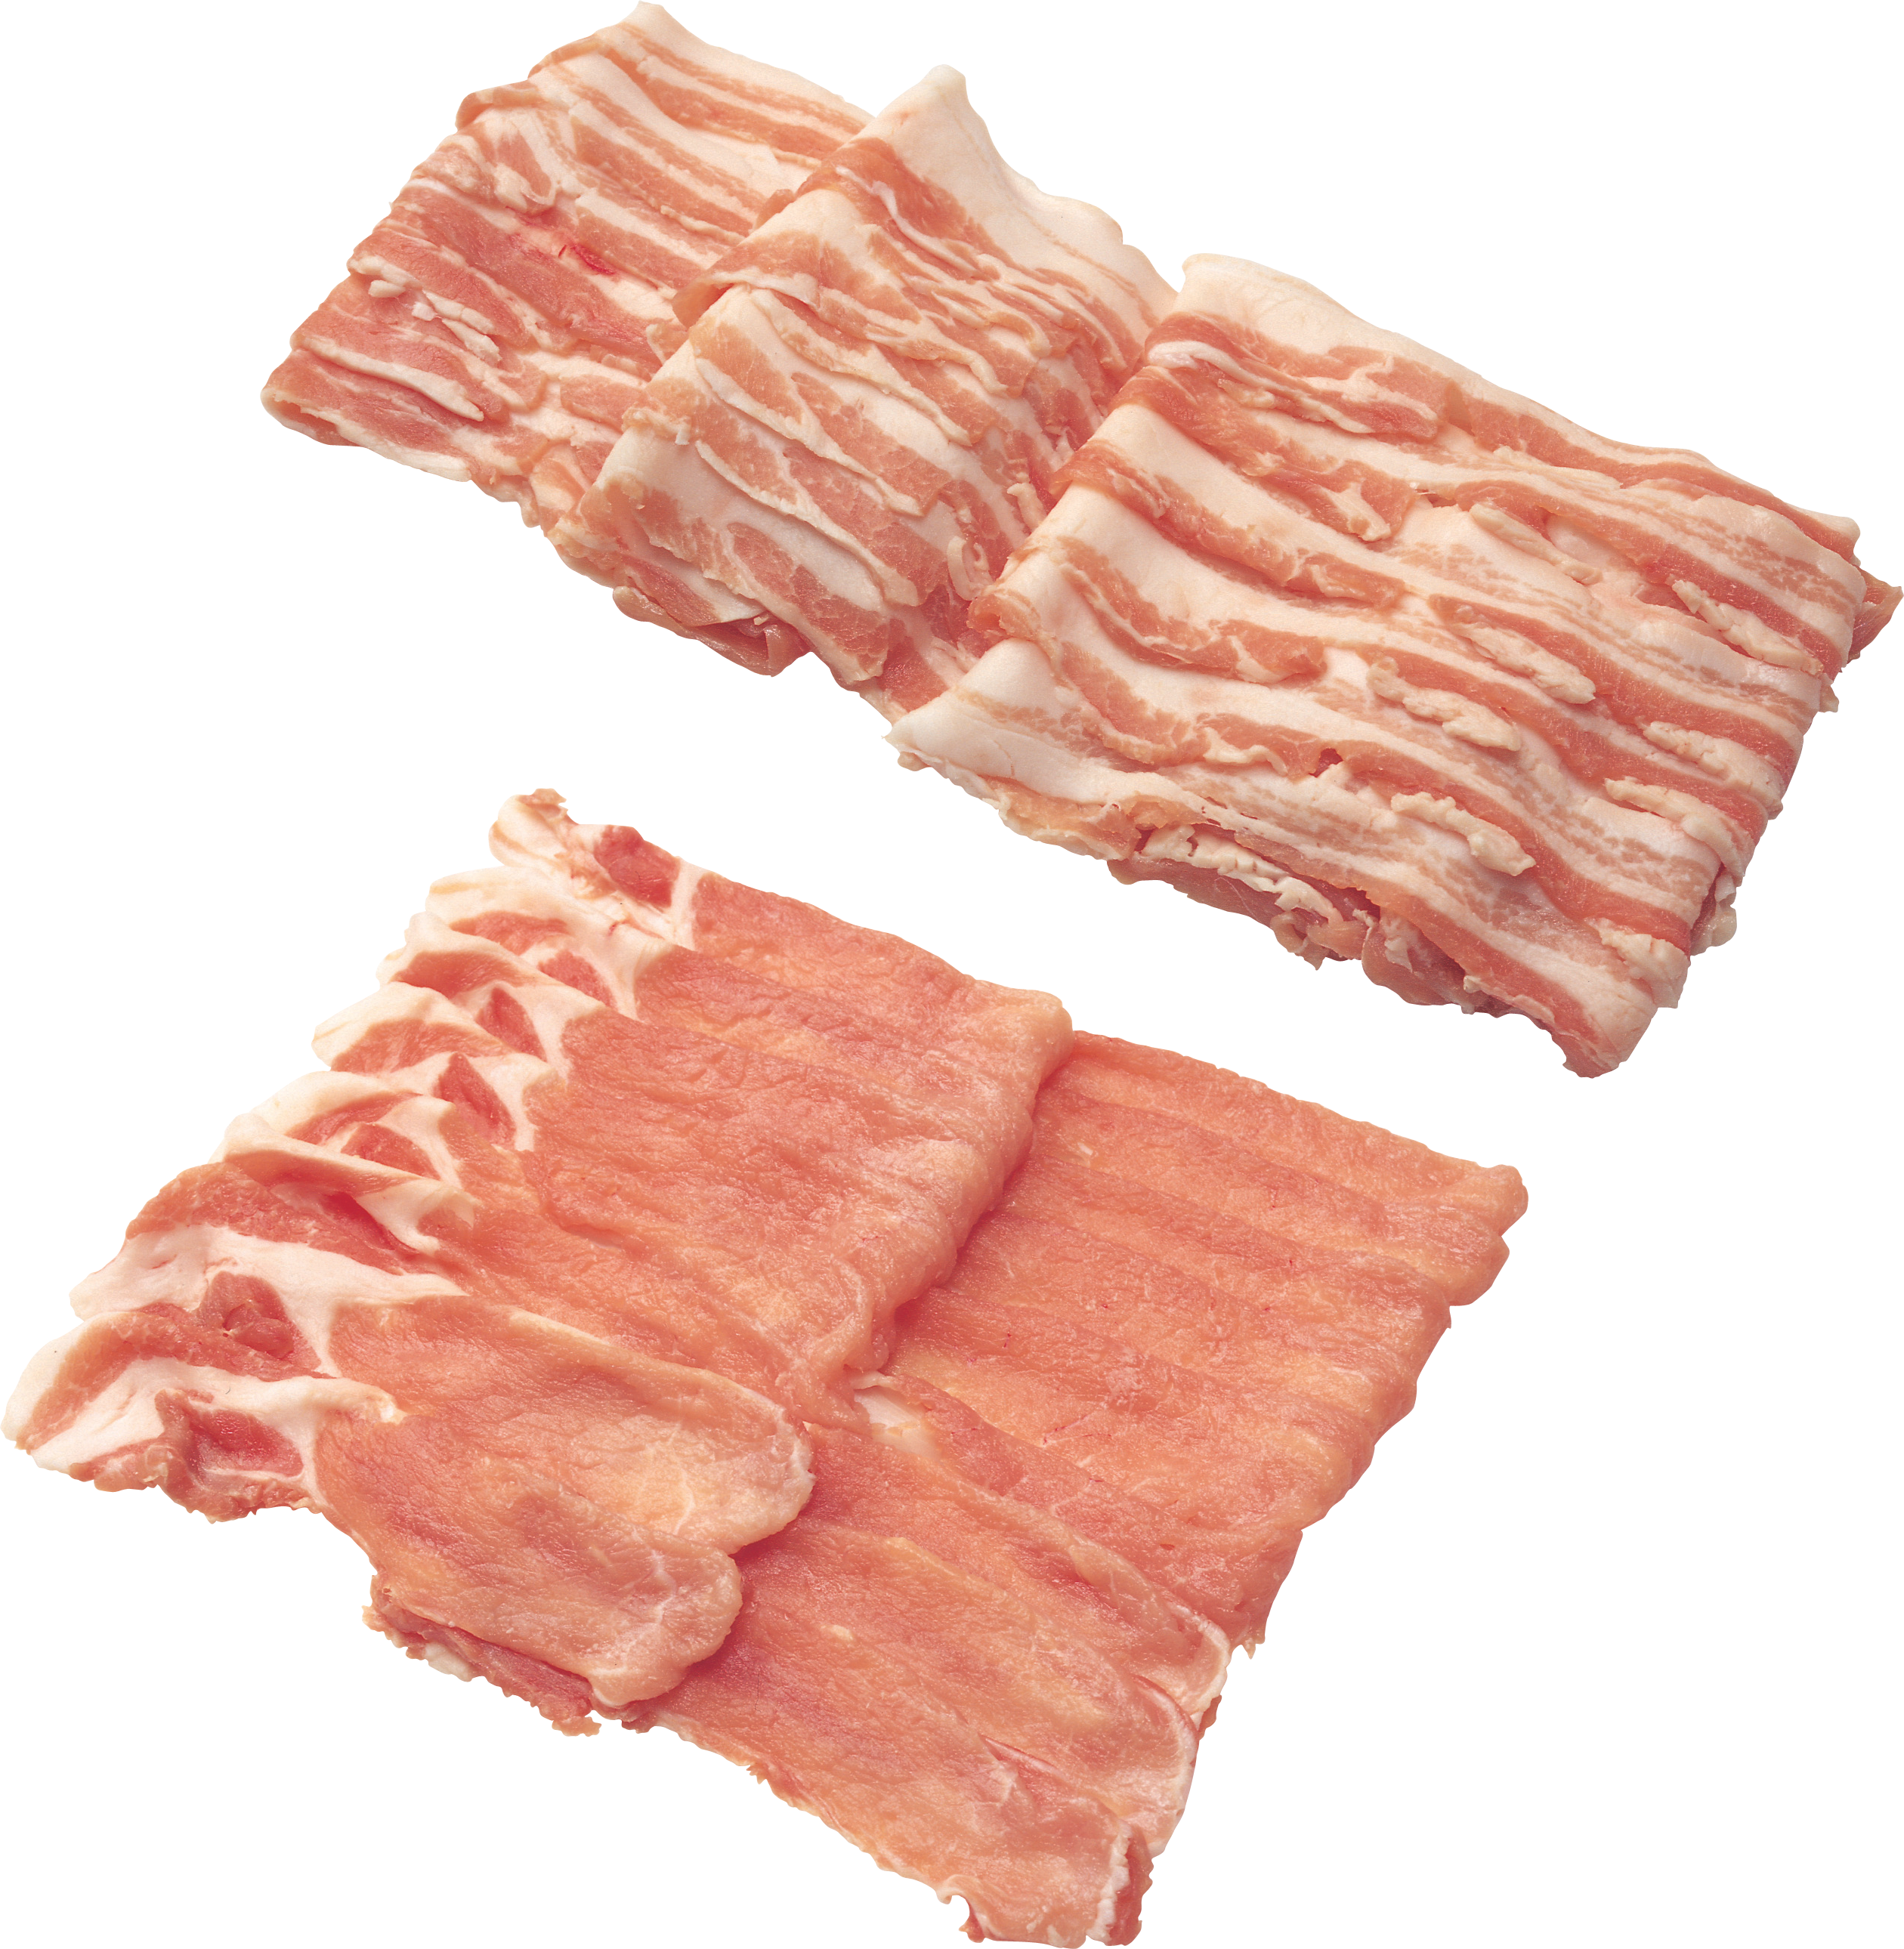 Беконная порода свиней и из какой части свинины получается бекон